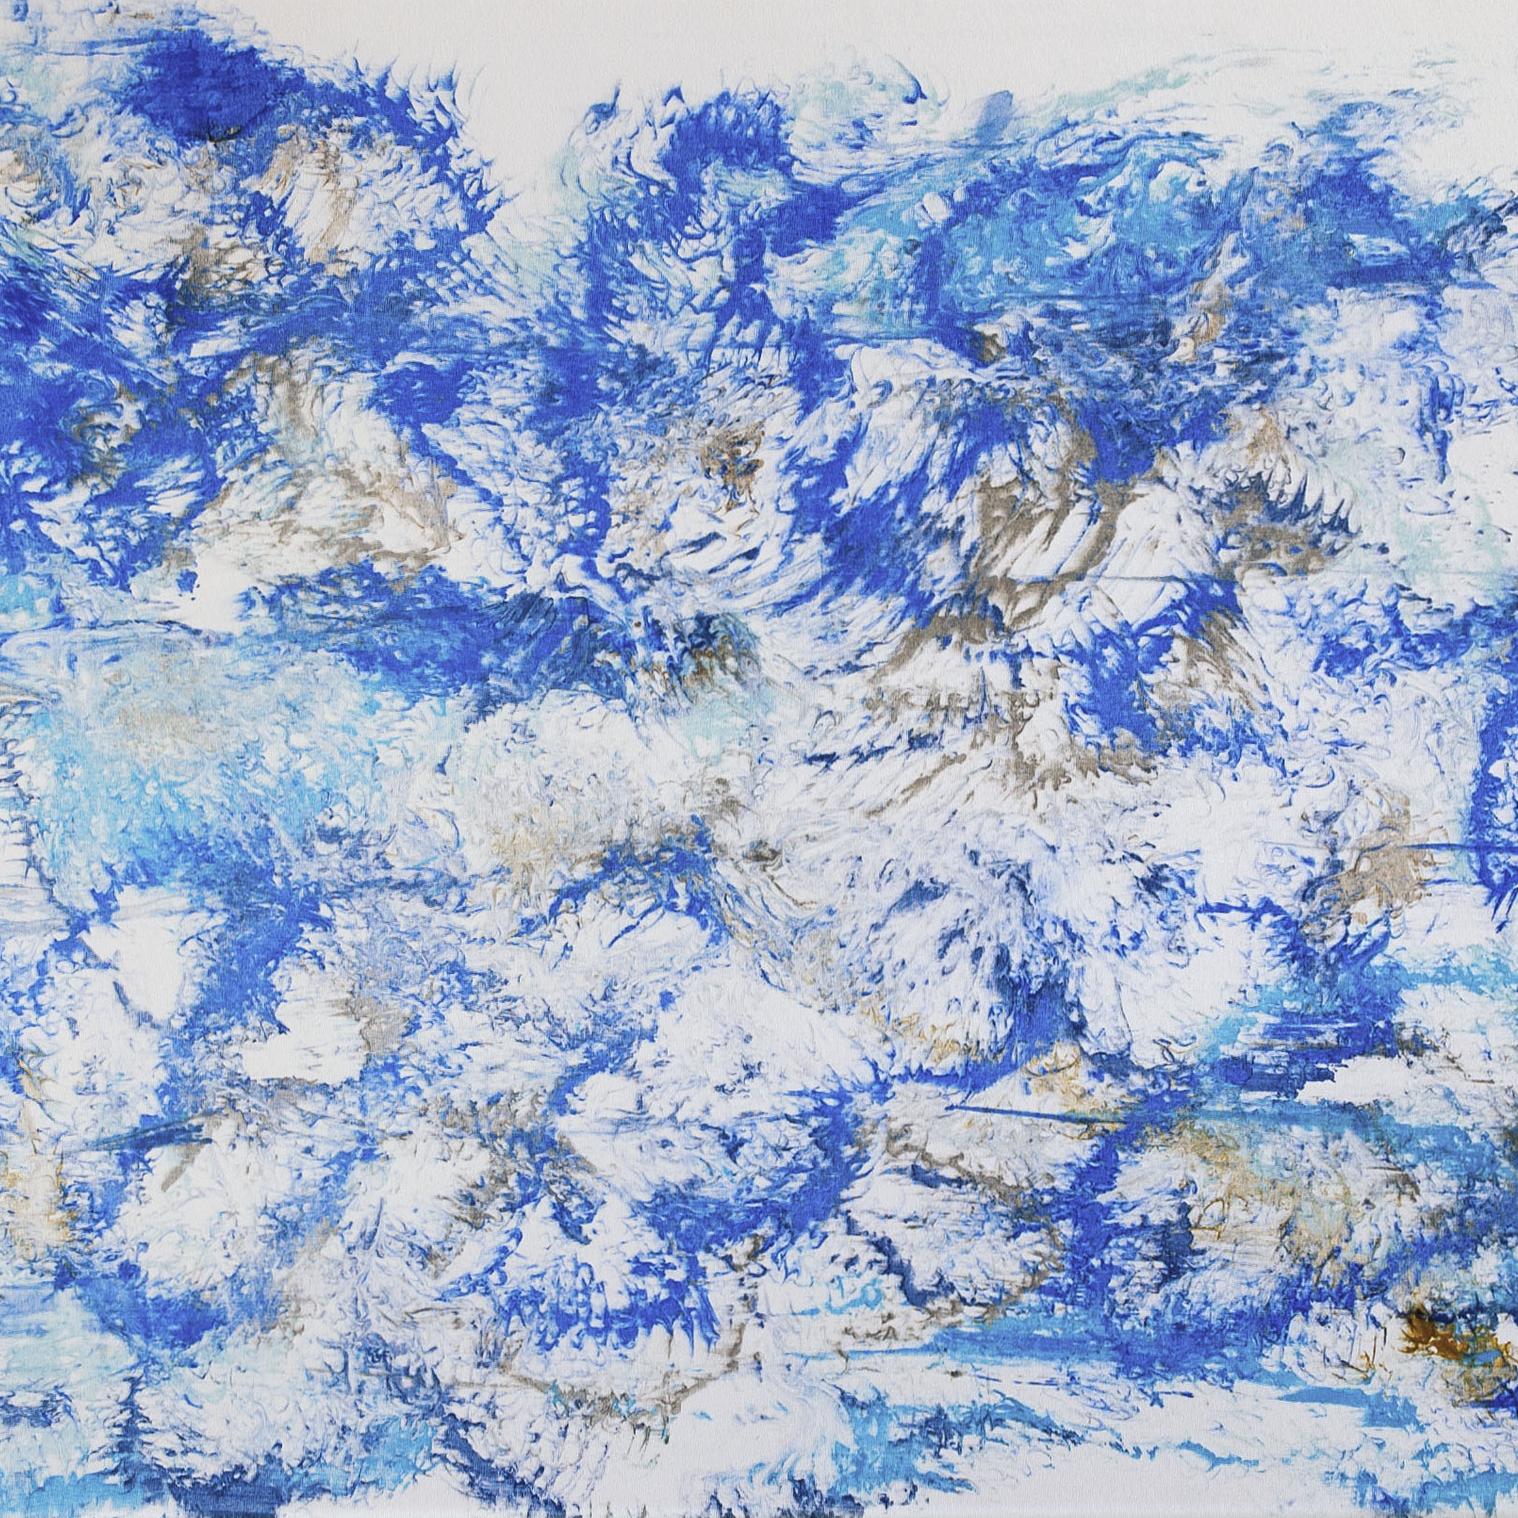 """acrylic on canvas, 48"""" x 72"""", 2015"""